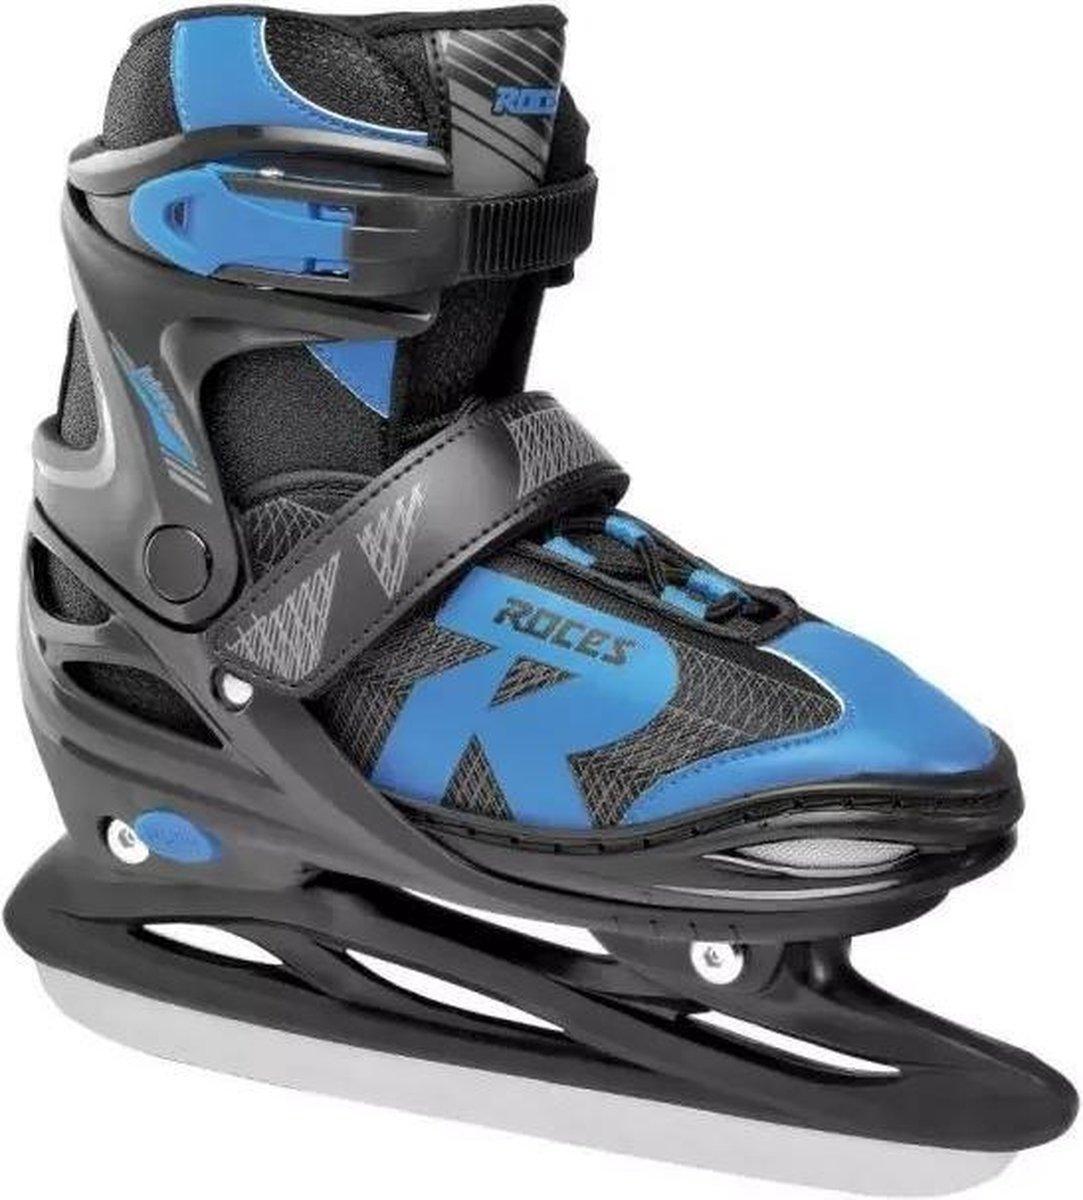 Roces Verstelbare schaatsen maat 38 t/m 41 schaatsen zwart